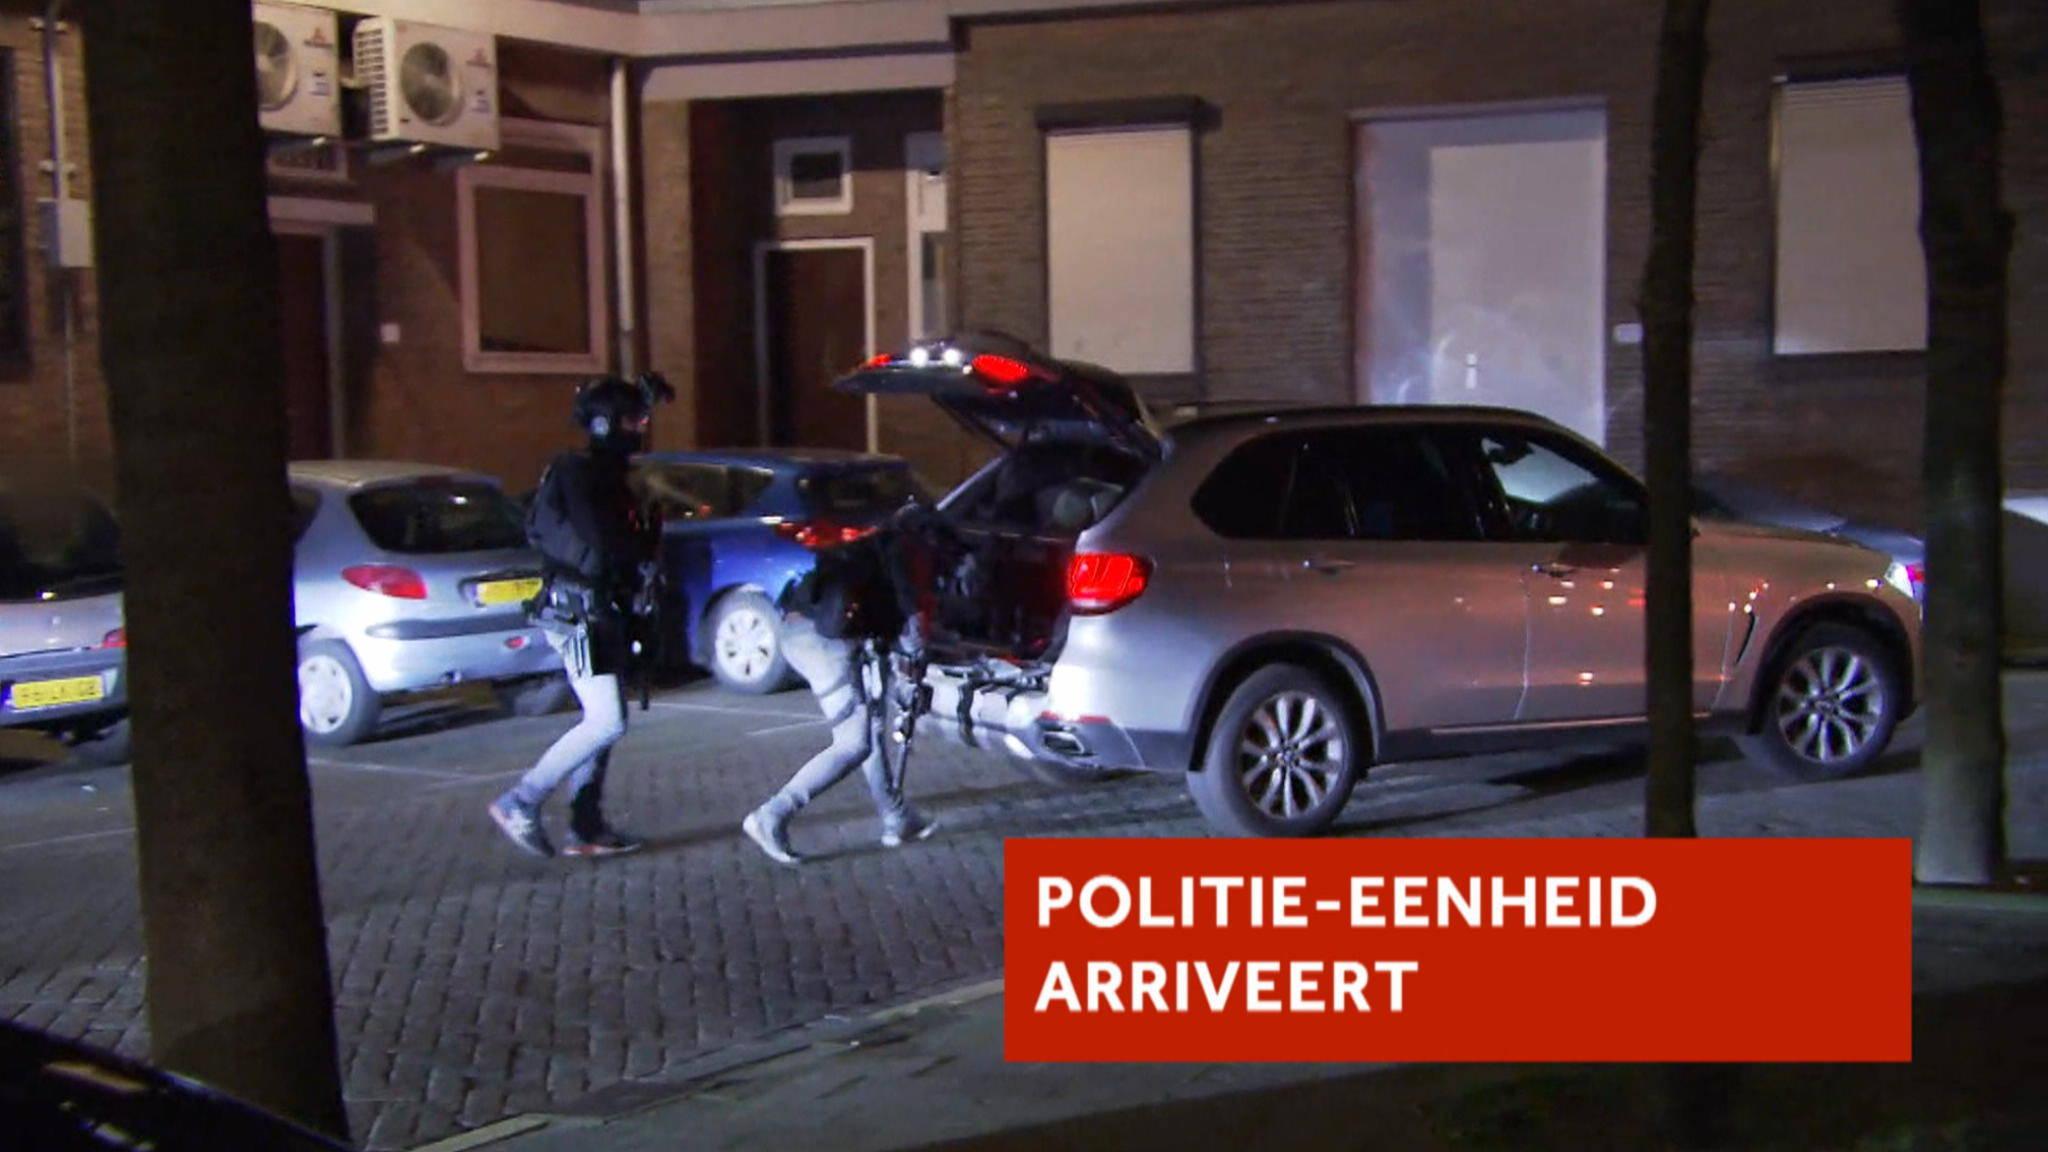 https://nos.nl/data/image/2017/03/11/360274/2048x1152.jpg